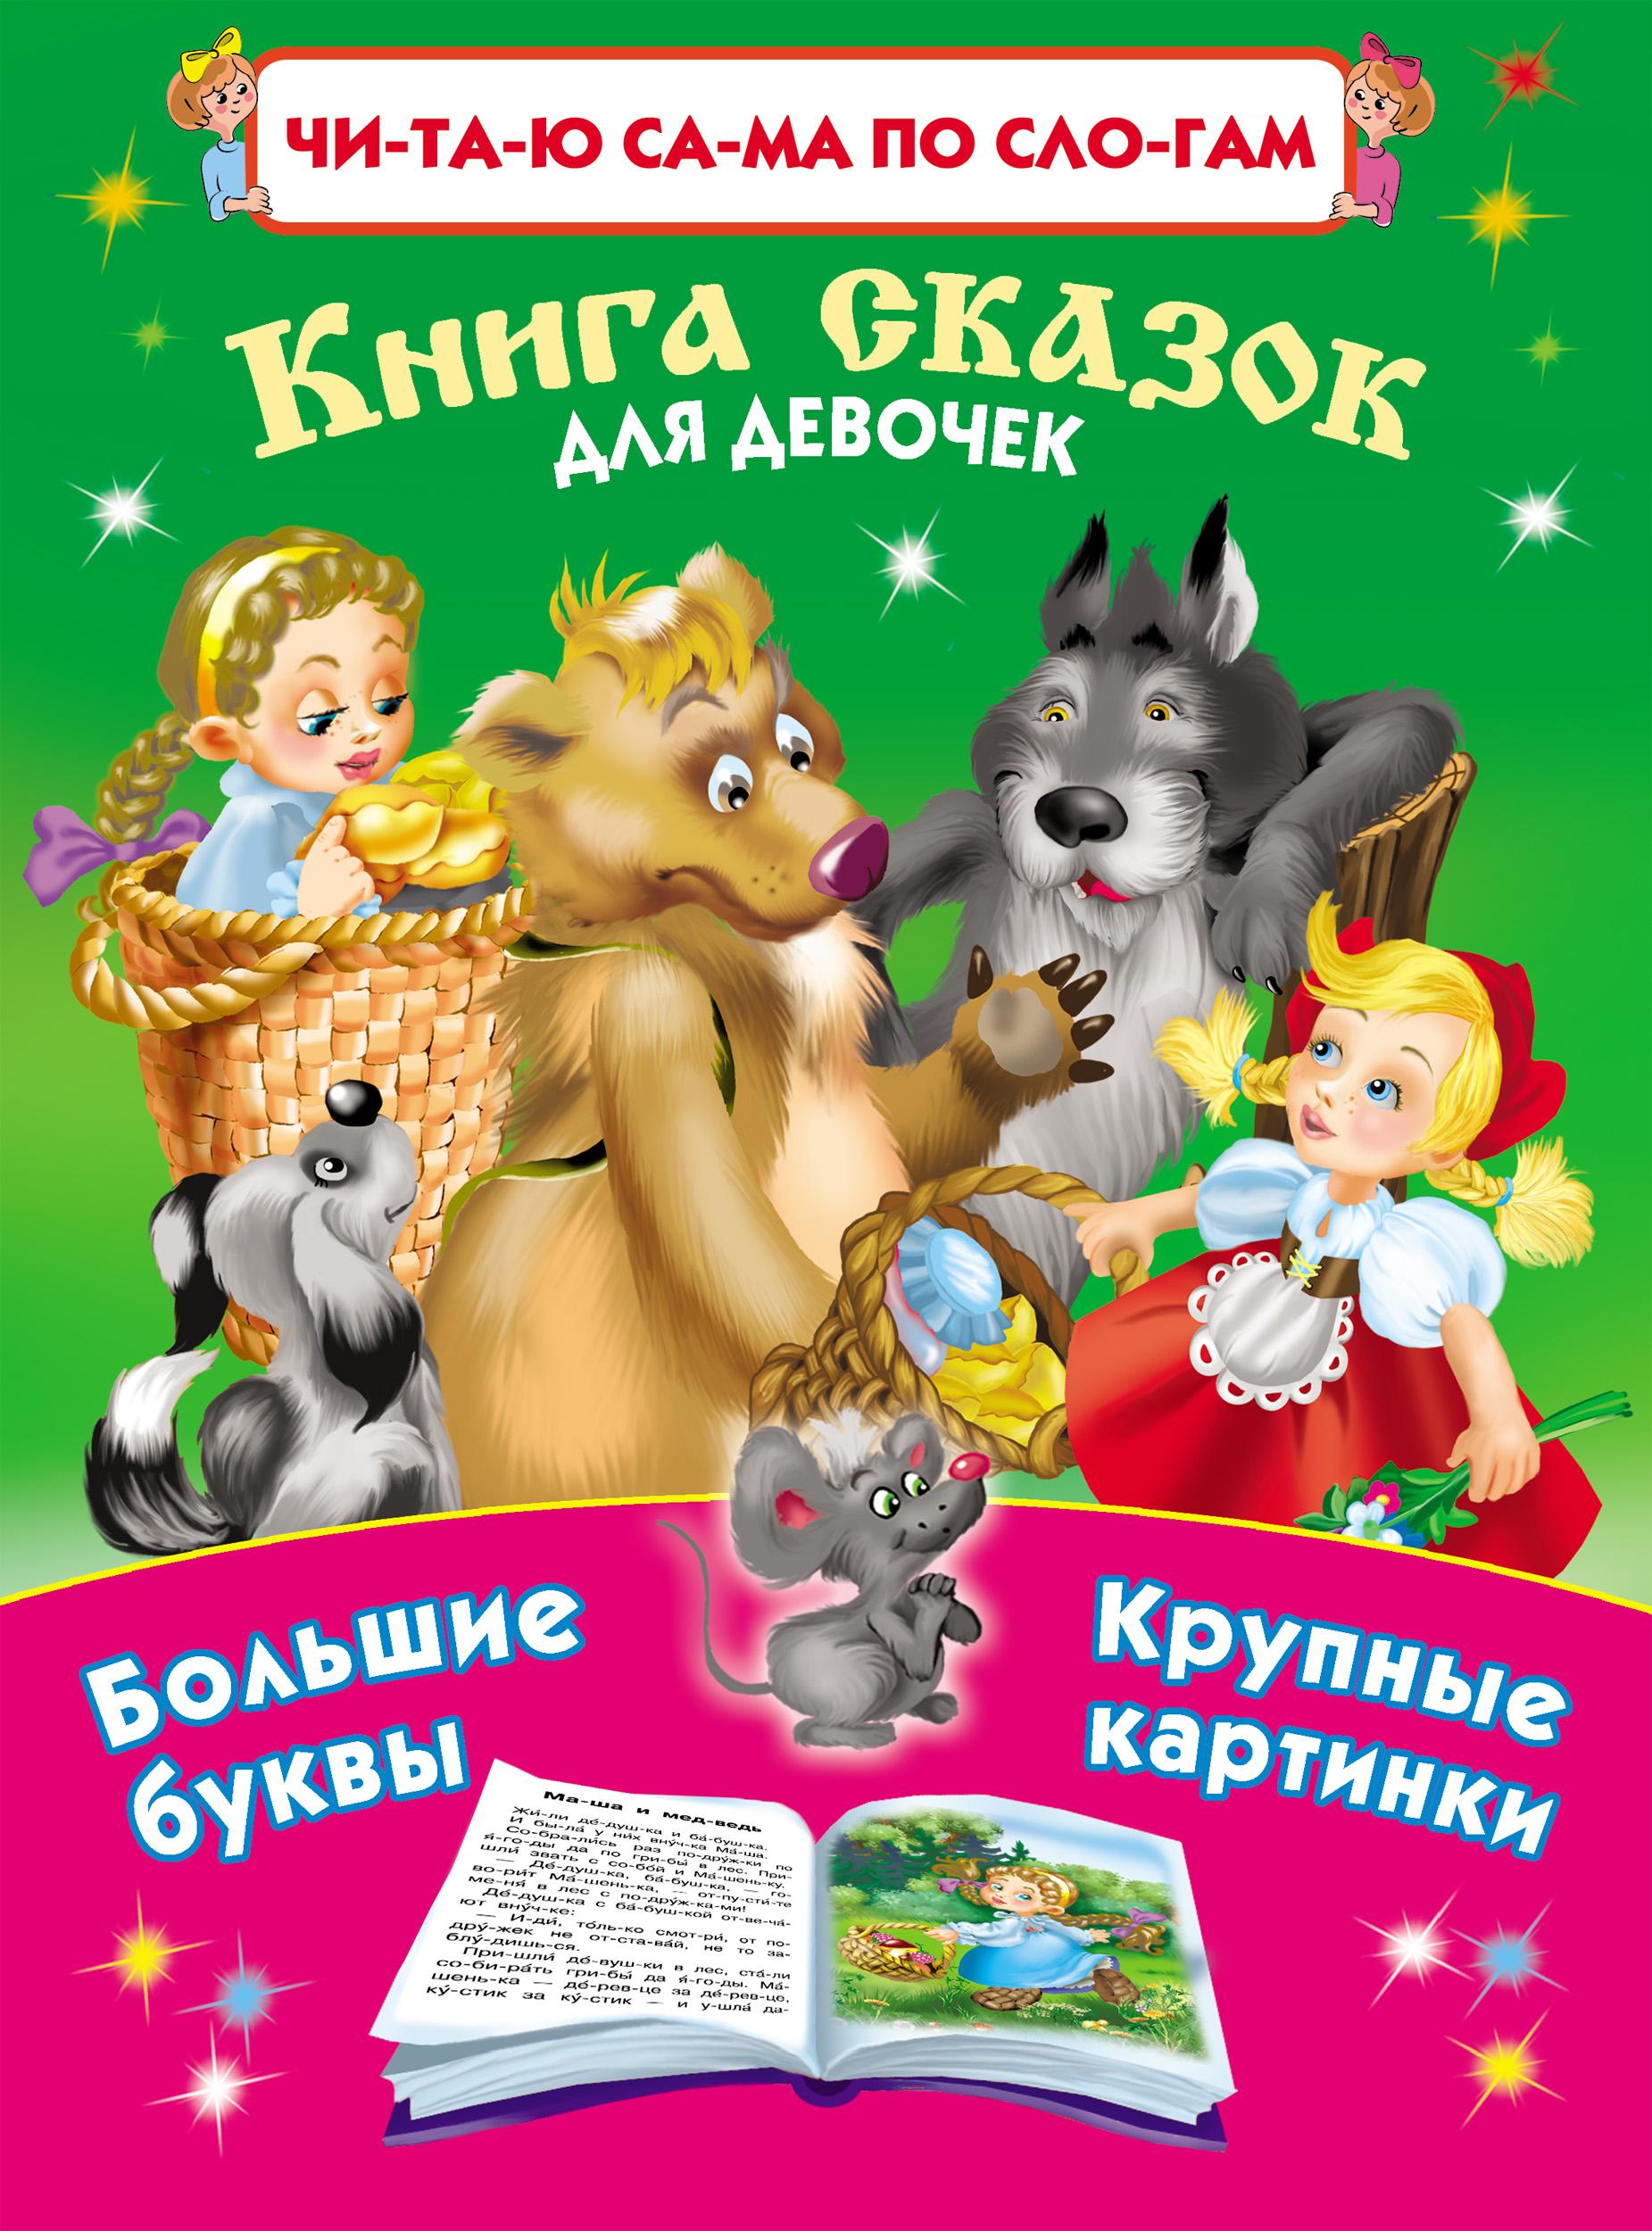 Отсутствует Книга сказок для девочек дмитриева в сост книга сказок для девочек большие буквы крупные картинки